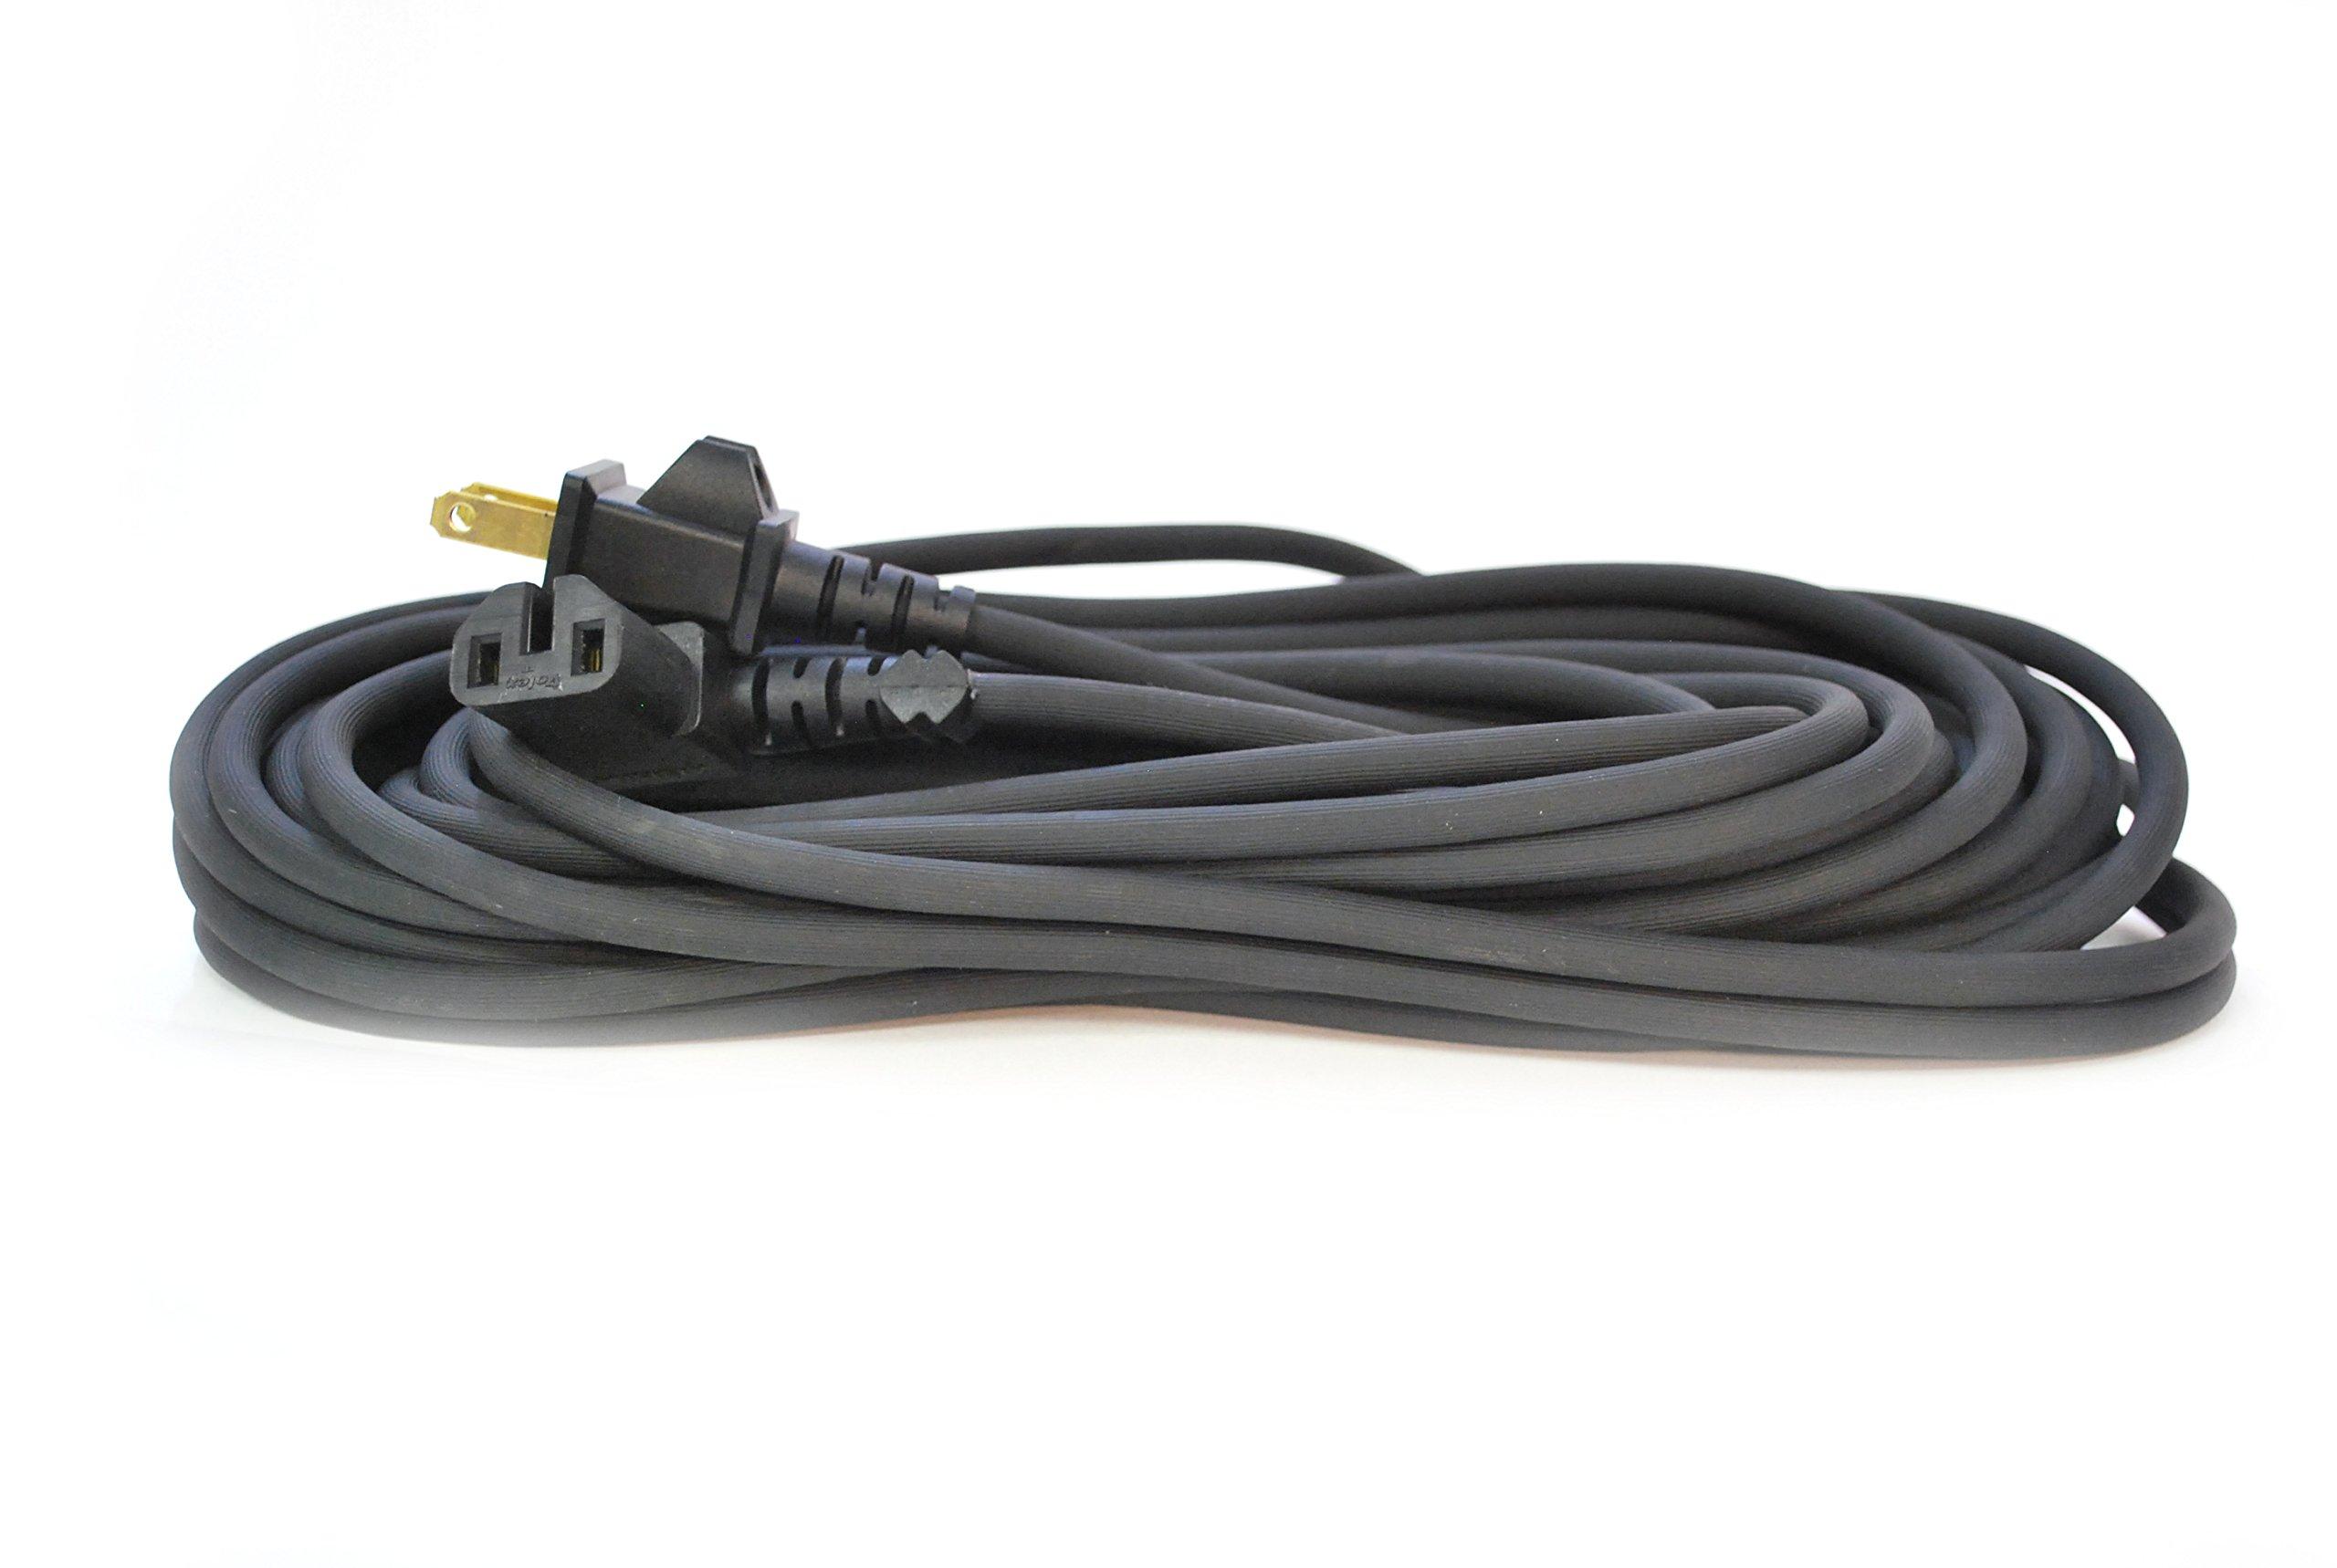 Kirby 192099 G4 & G6 Cord 32',Blk/Onyx